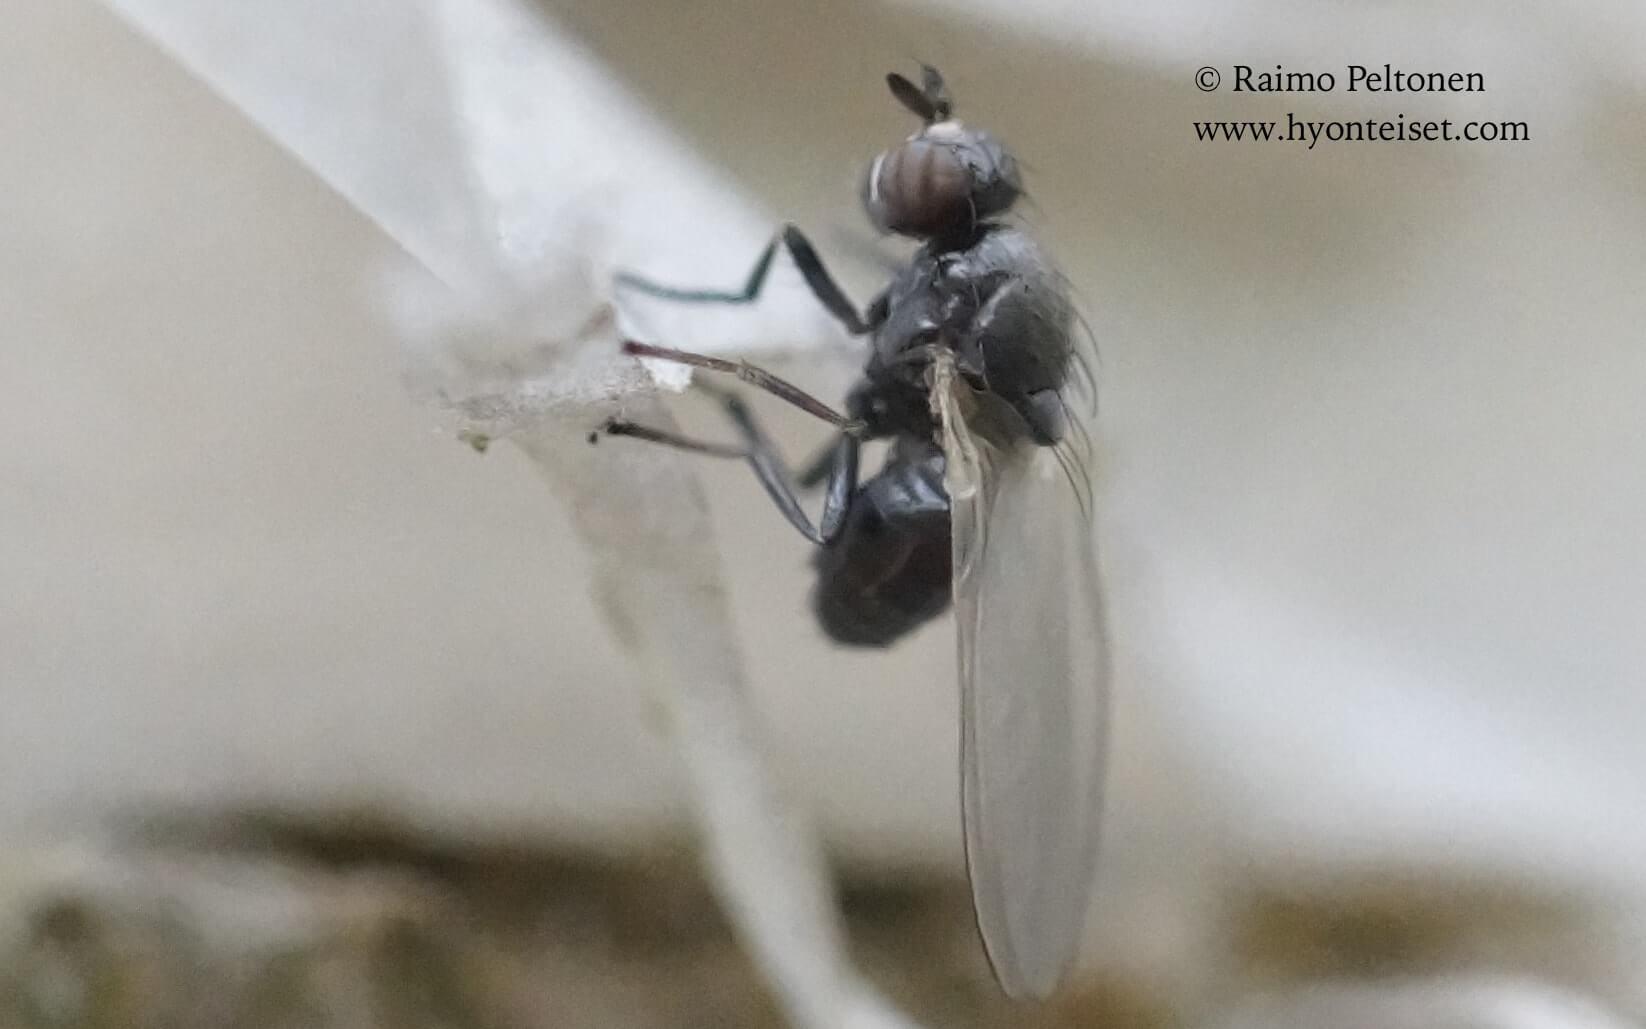 Sapromyza hyalinata (det. Sven Hellqvist), 5.6.2017 Jyväskylä